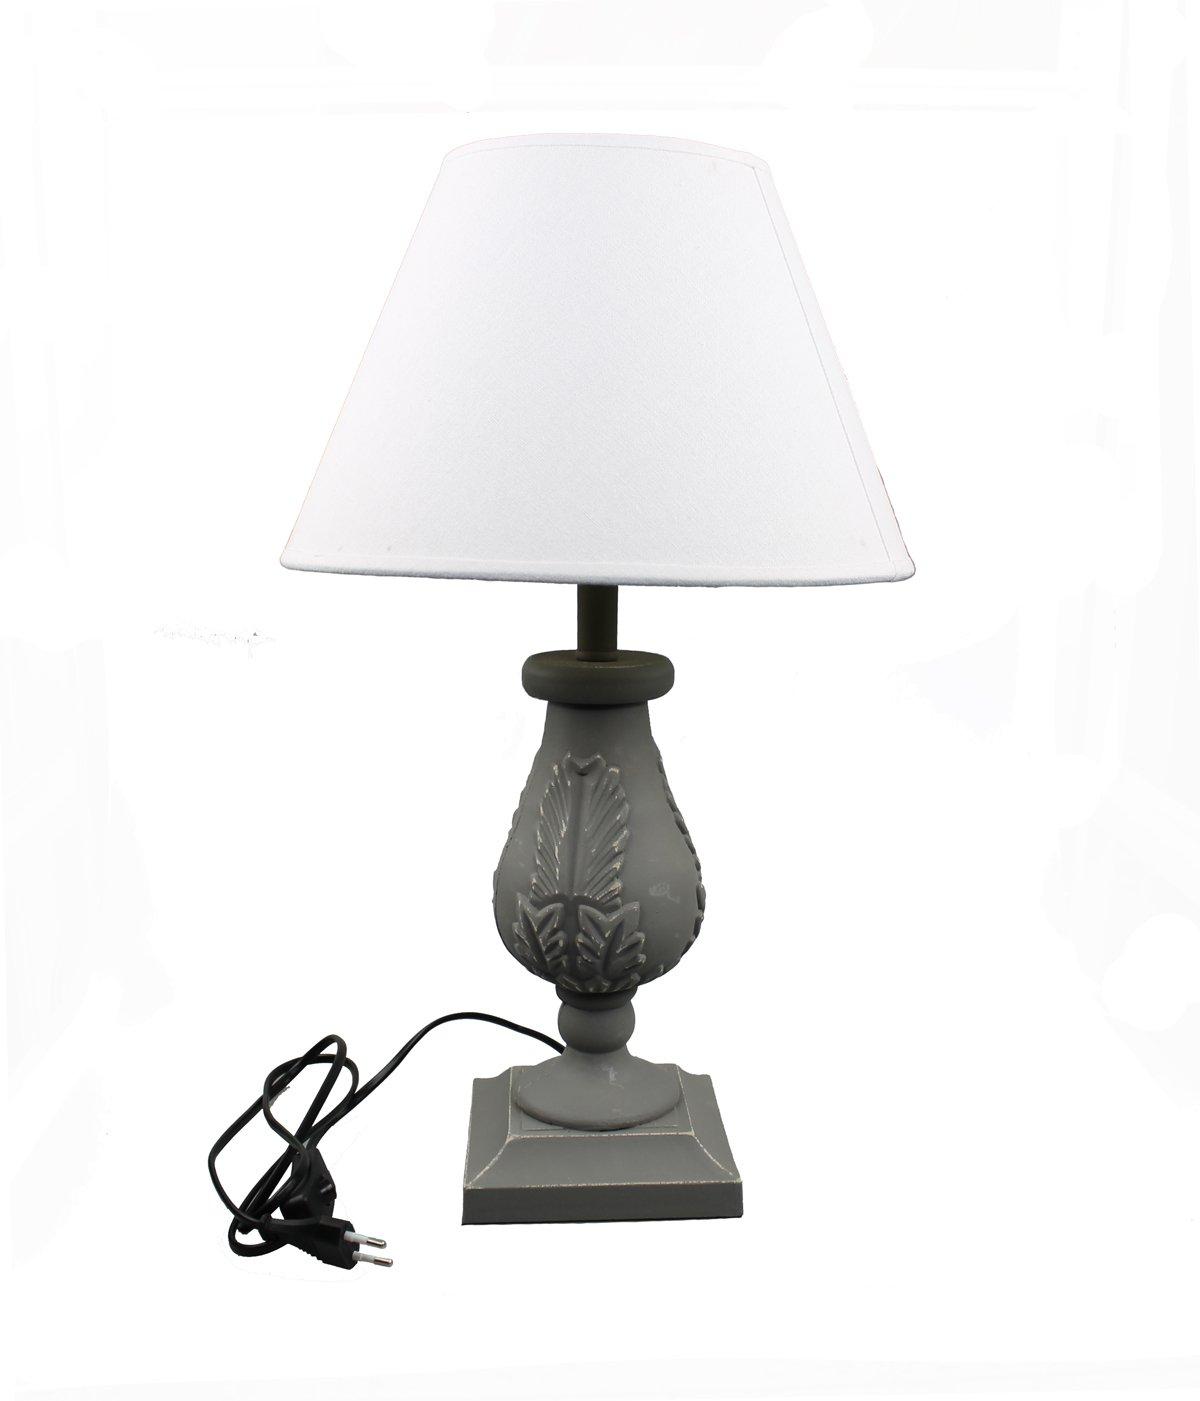 Détails Lampe Sur 8 Antique 19 Bureau Maison Chevet Baroque De Campagne 50 Bois Cm lF1JKc